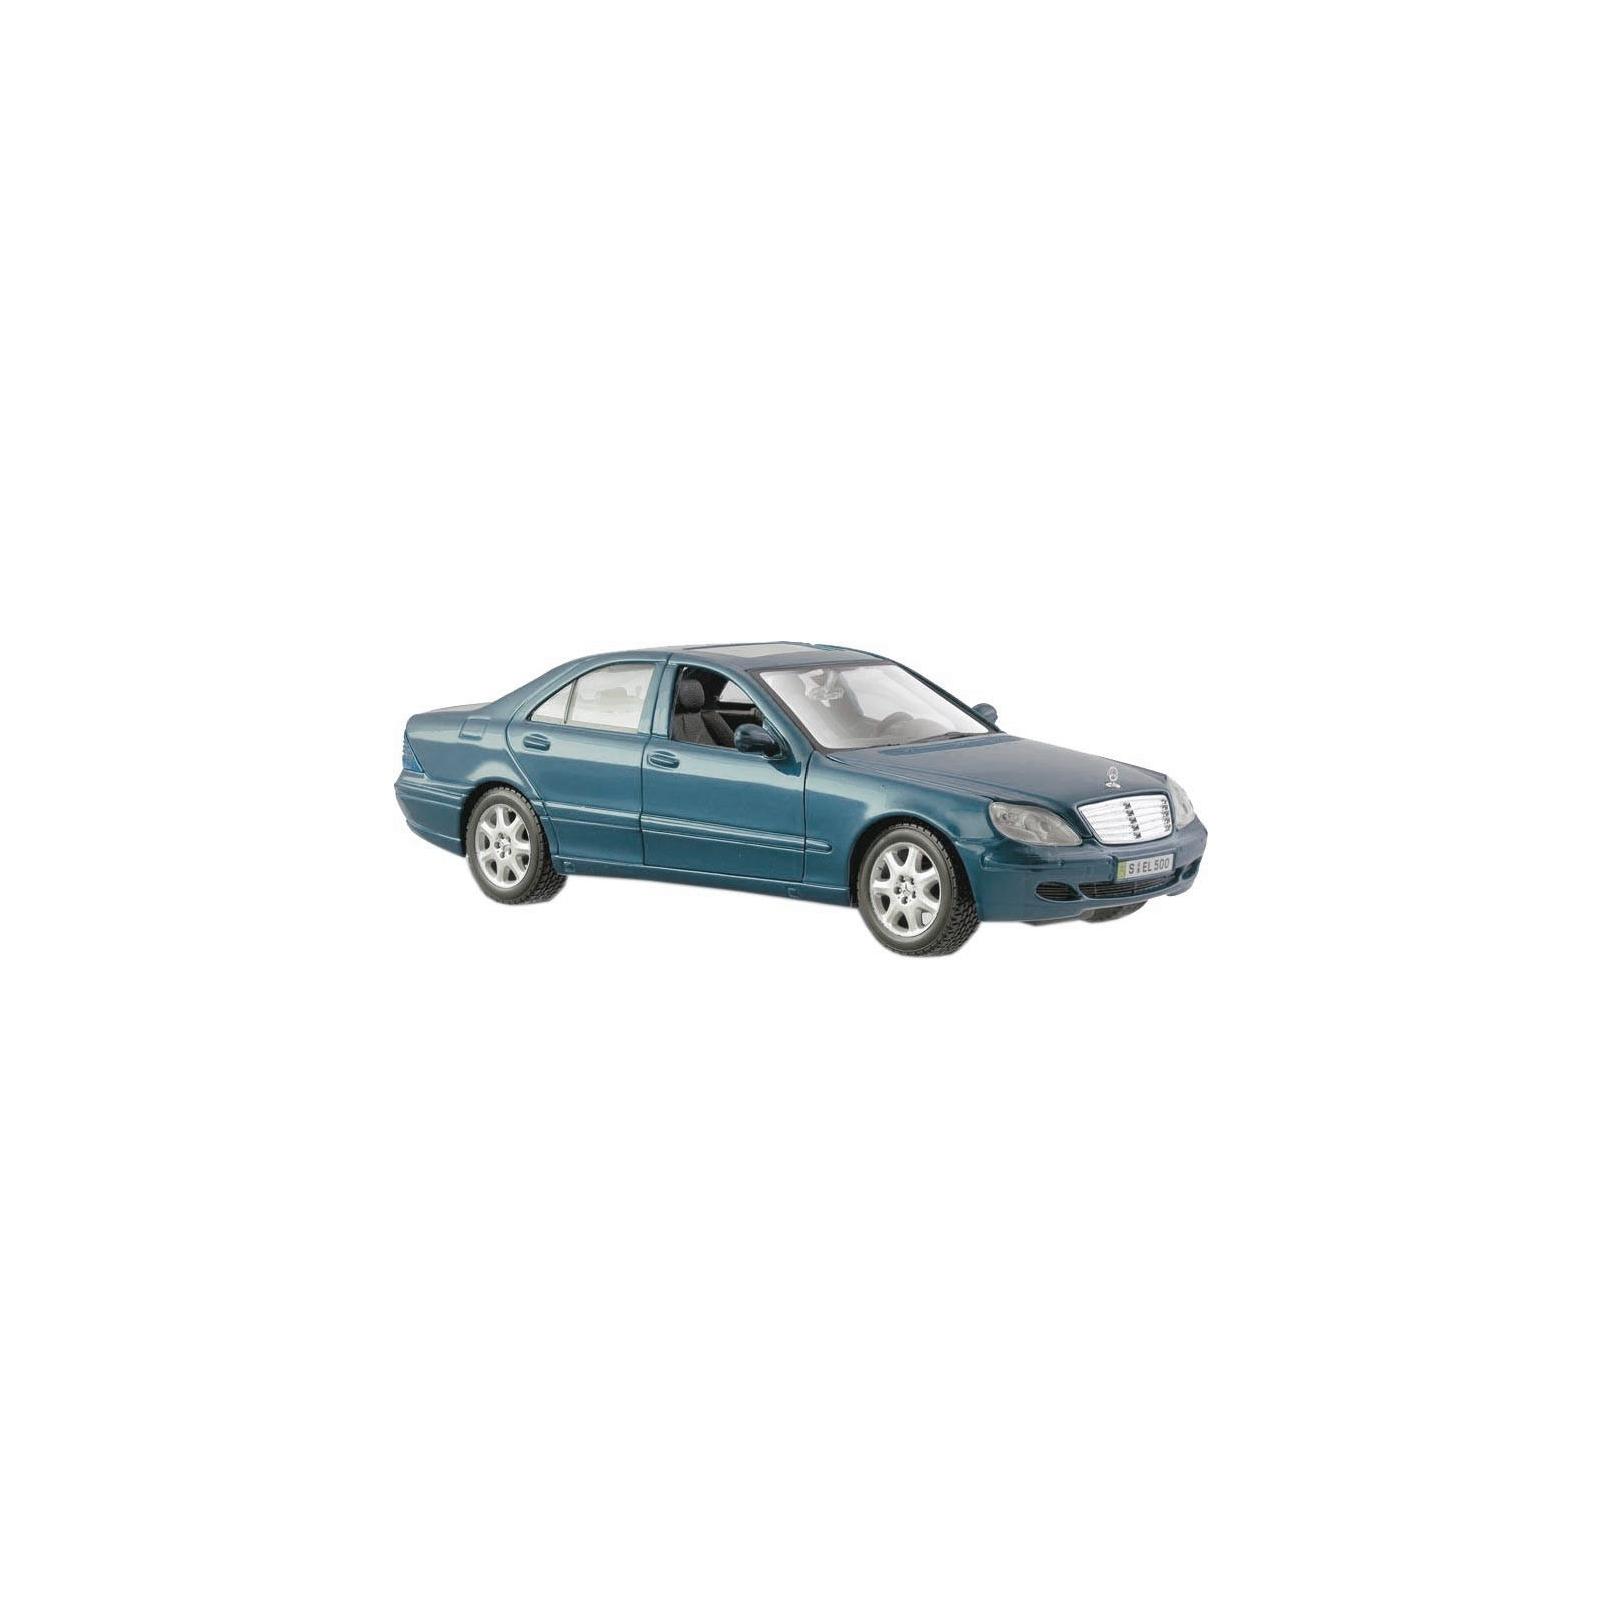 Машина Maisto Mercedes-Benz S-Class 2002 (1:26) серебристо-синий (31955 silver blue)